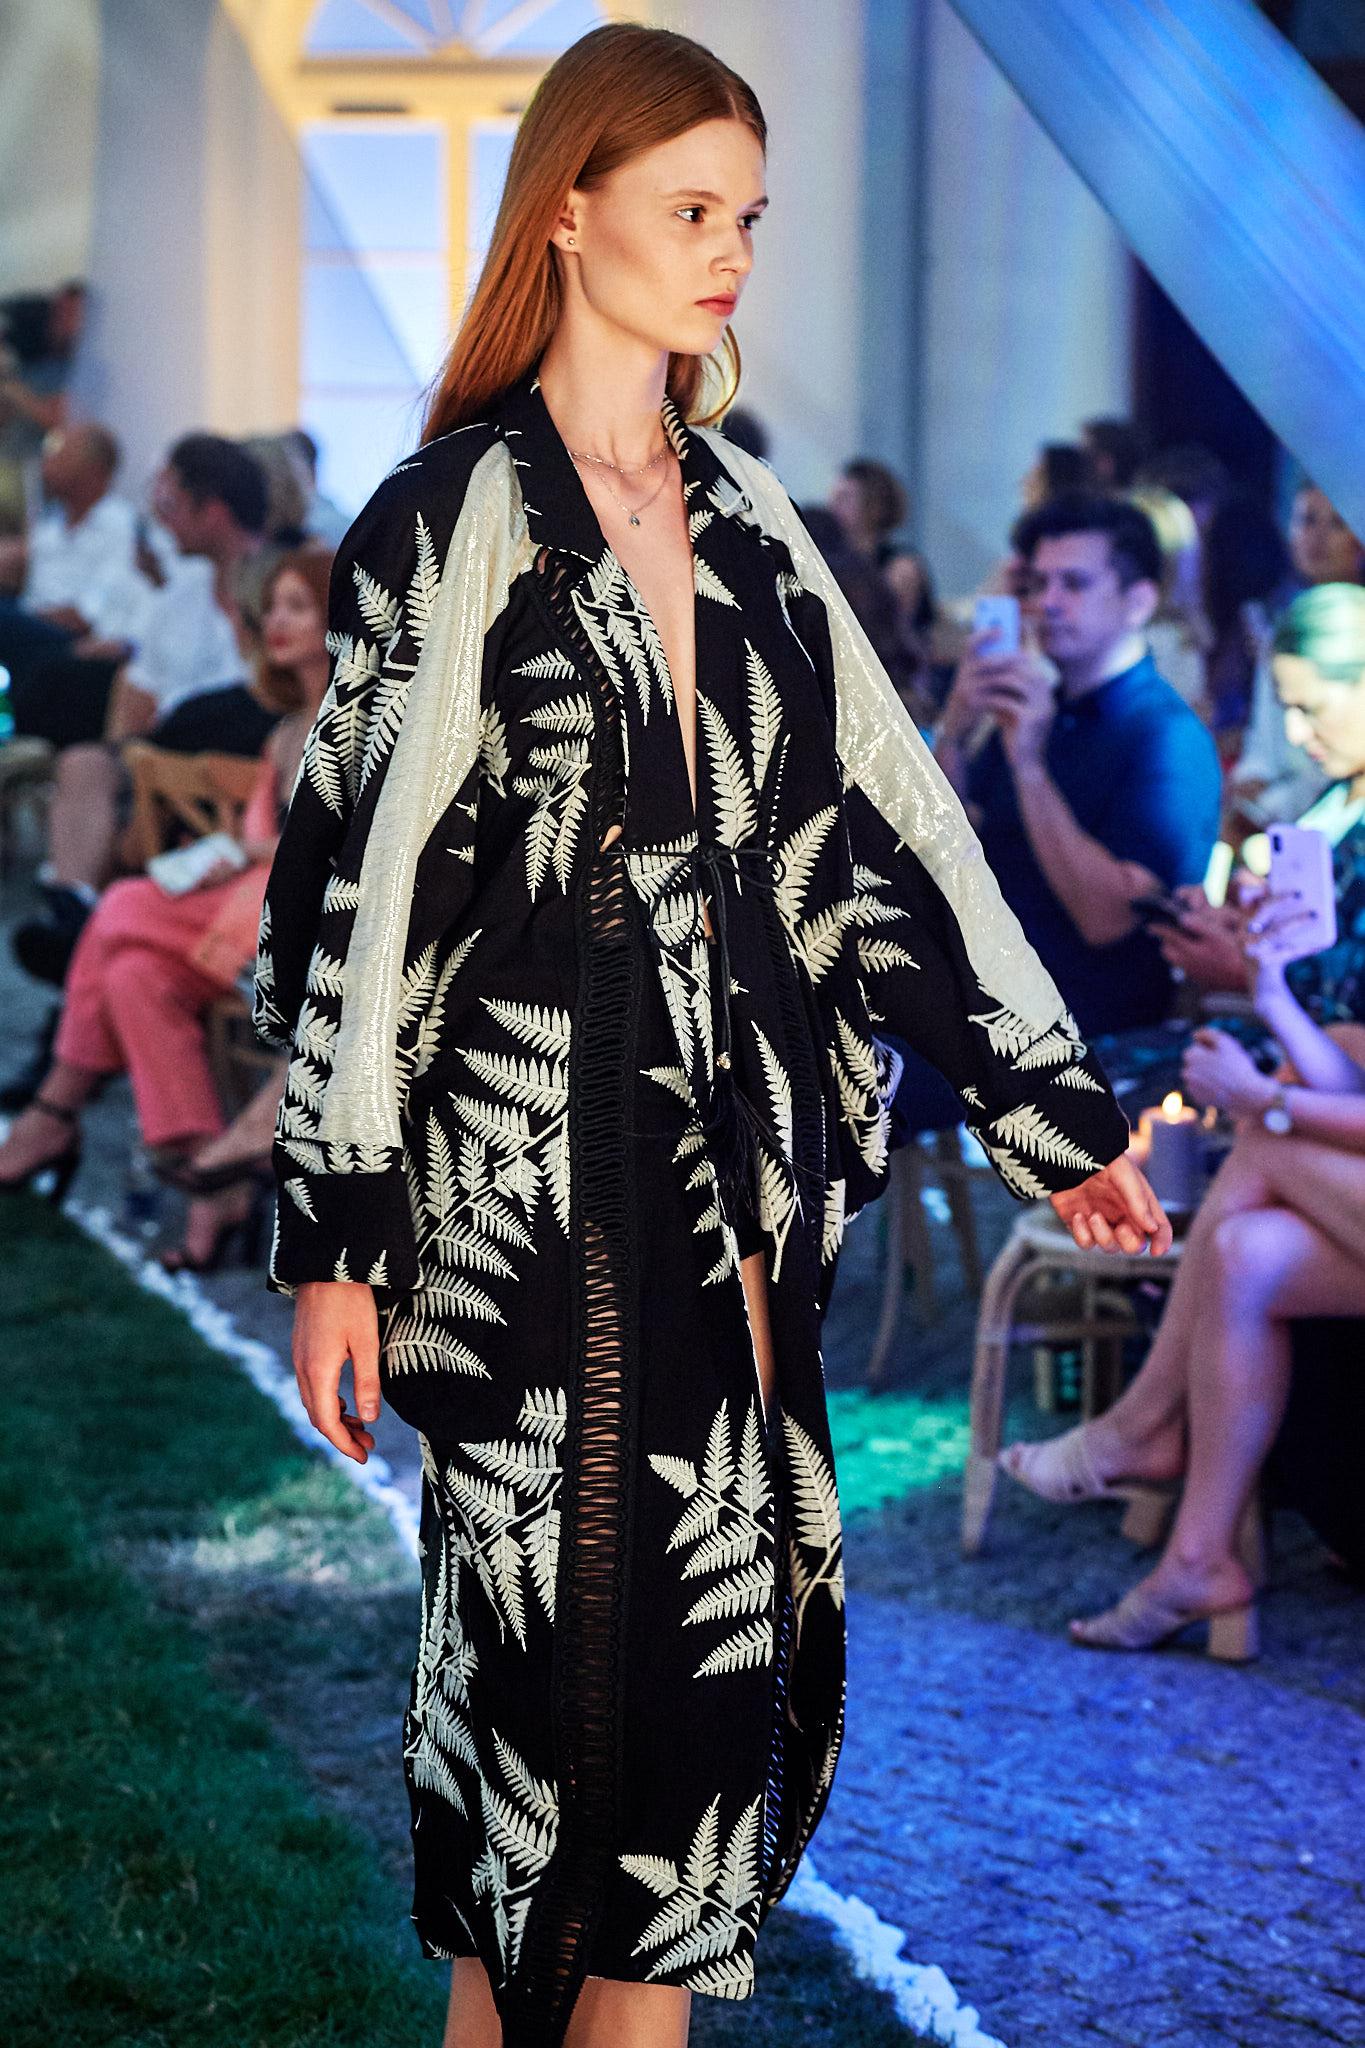 03_MMC-010719-lowres-fotFilipOkopny-FashionImages